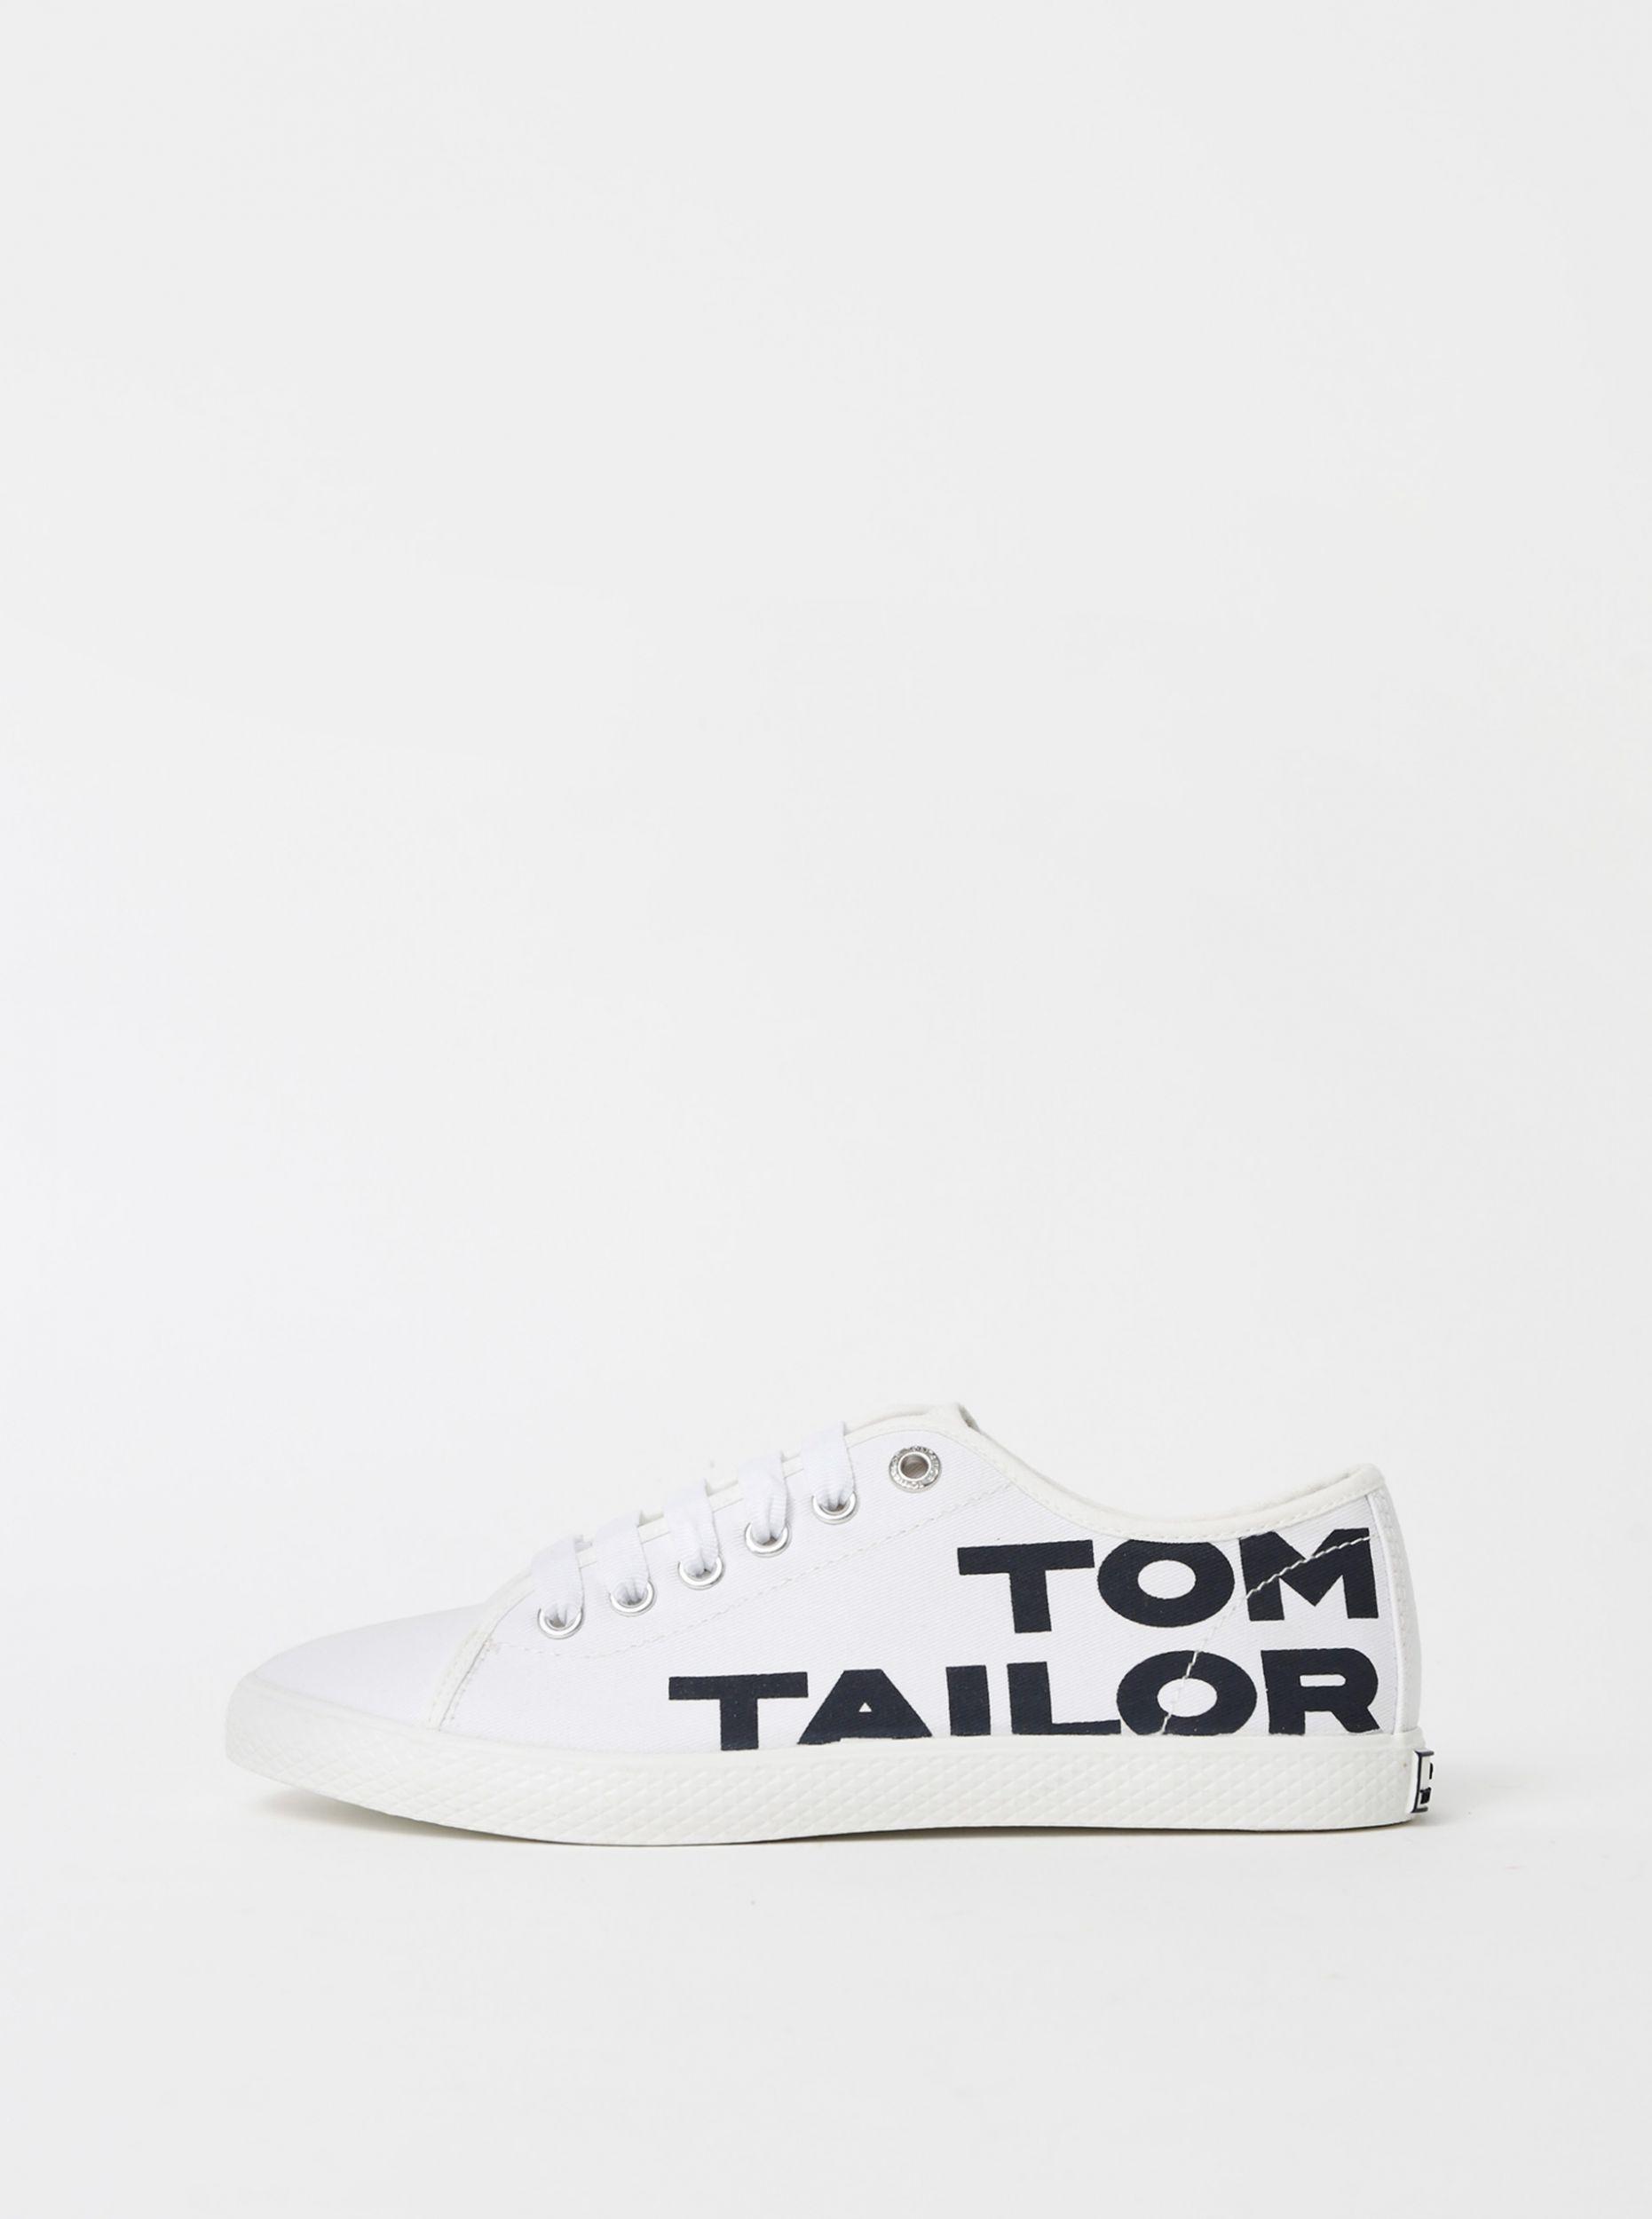 Tom Tailor bílé tenisky s logem